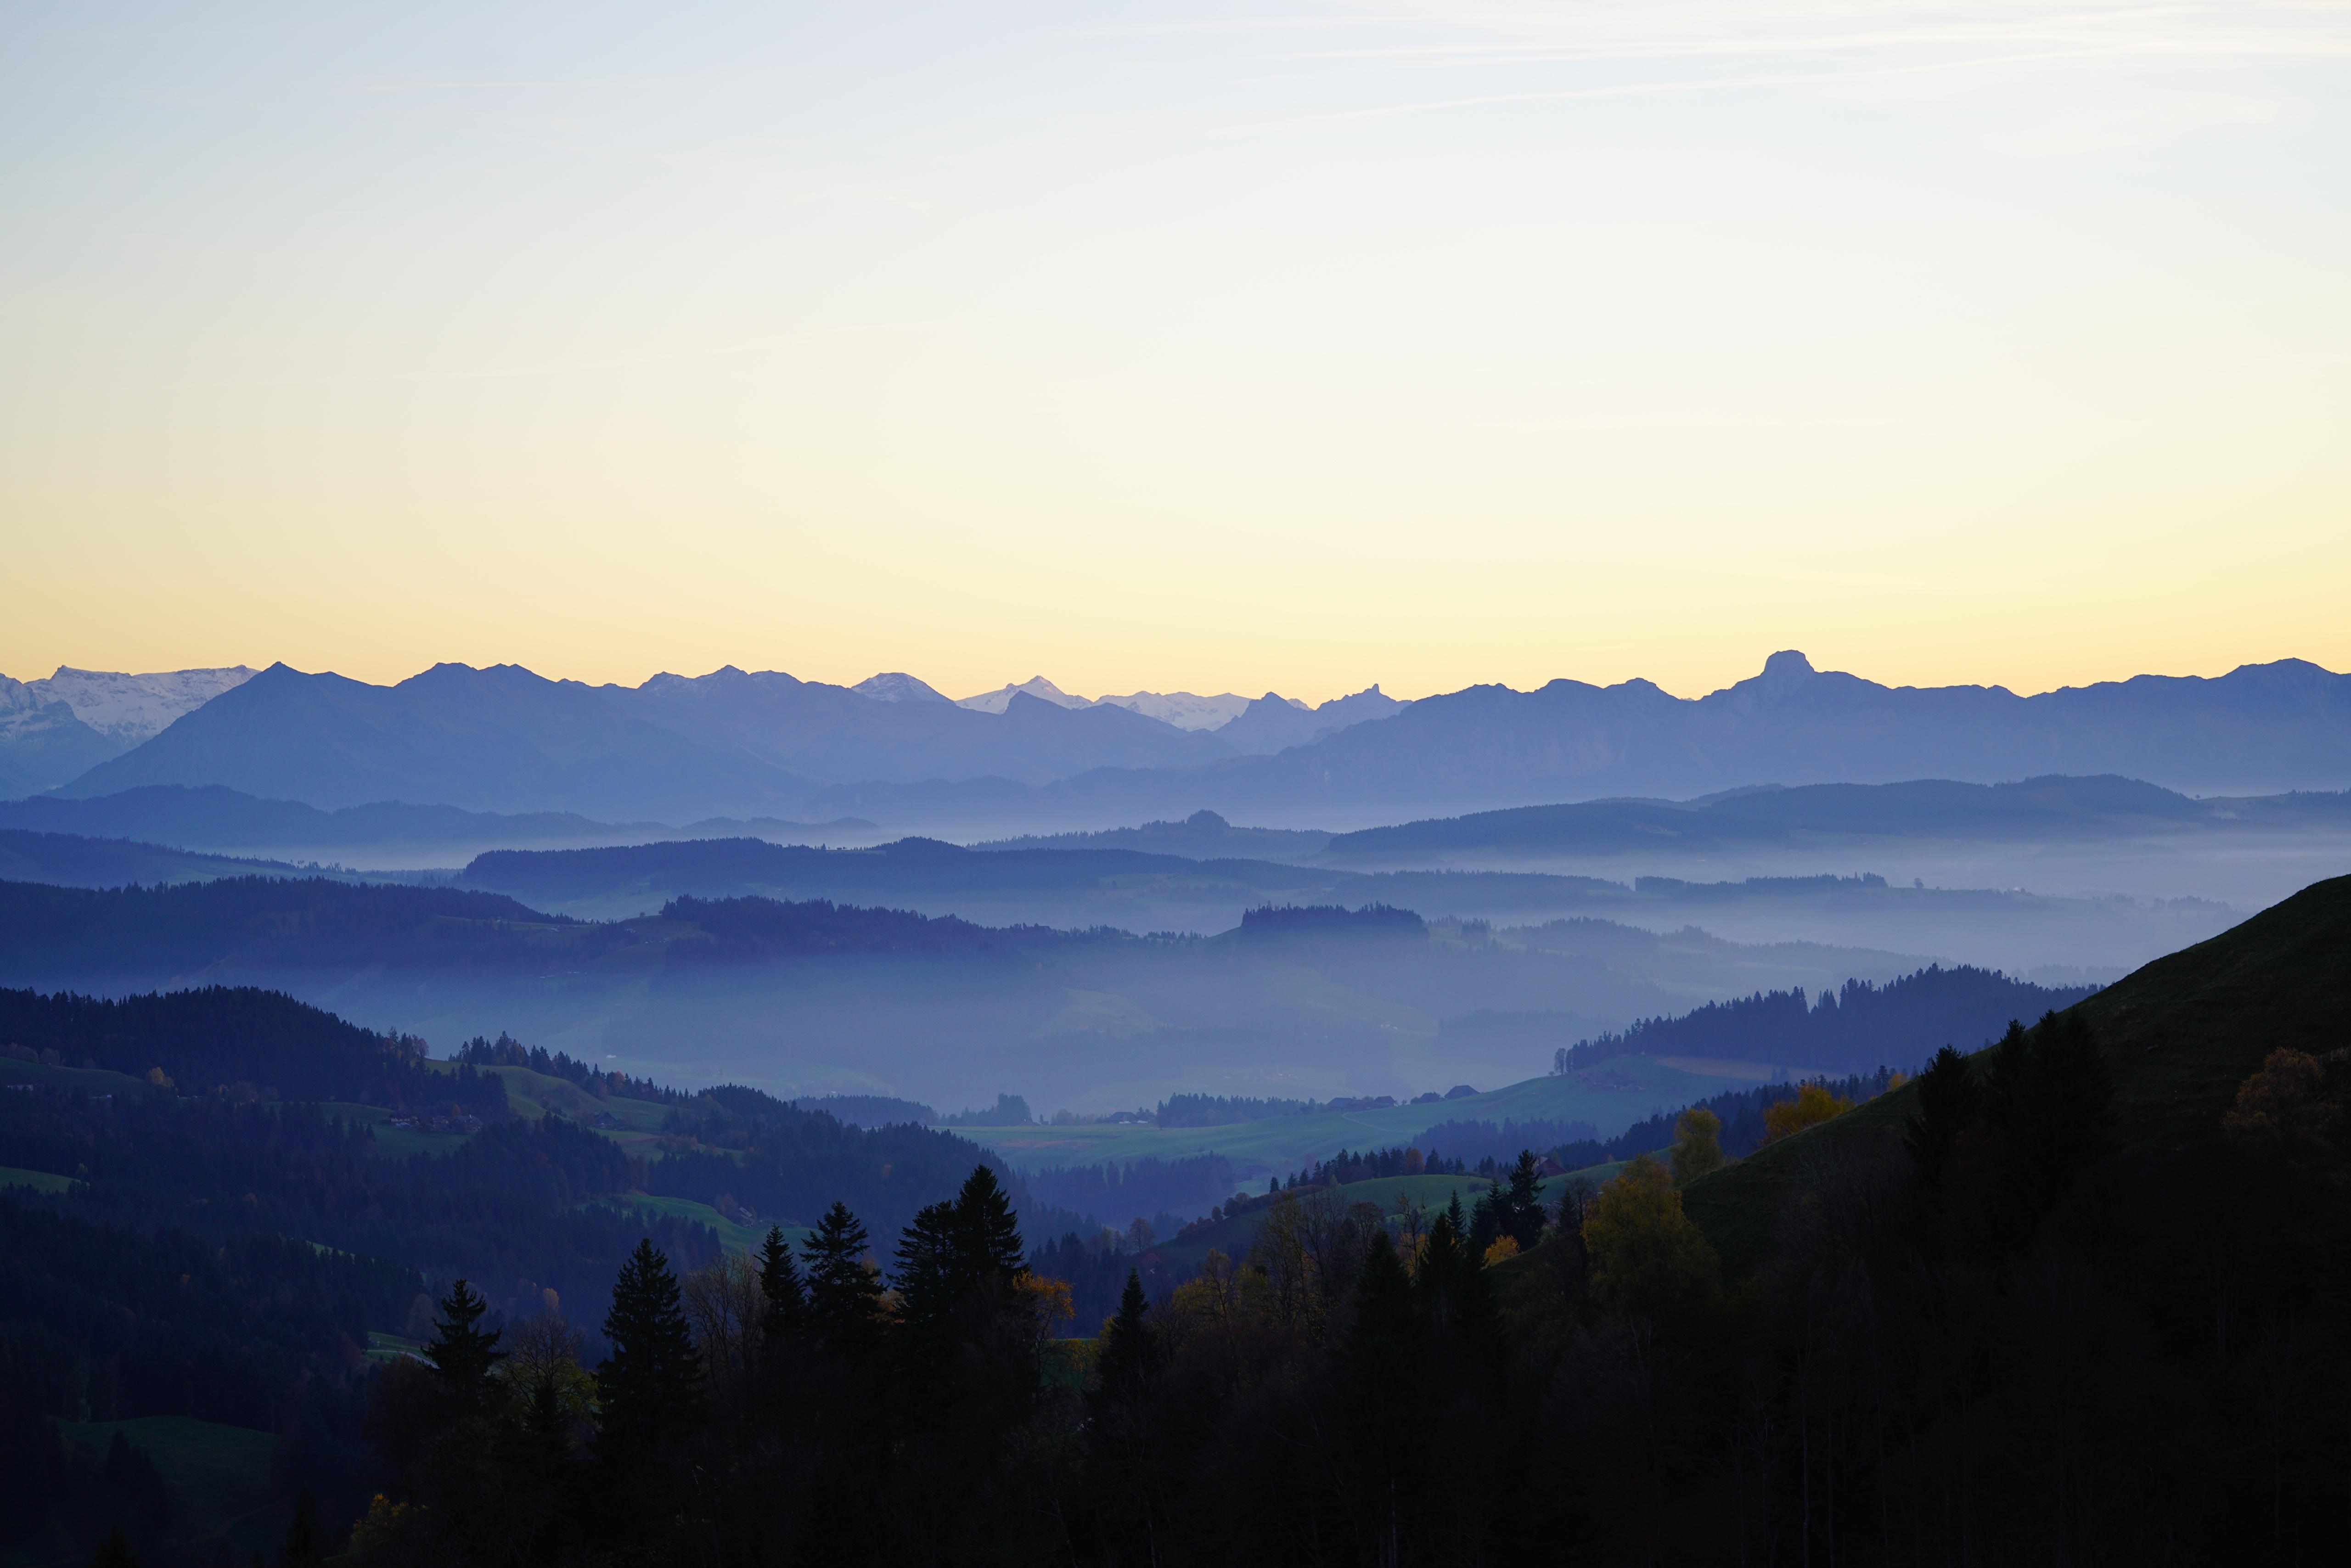 Desktop Wallpapers Switzerland Basel-Landschaft Fog Nature Hill Forests 5120x3415 forest